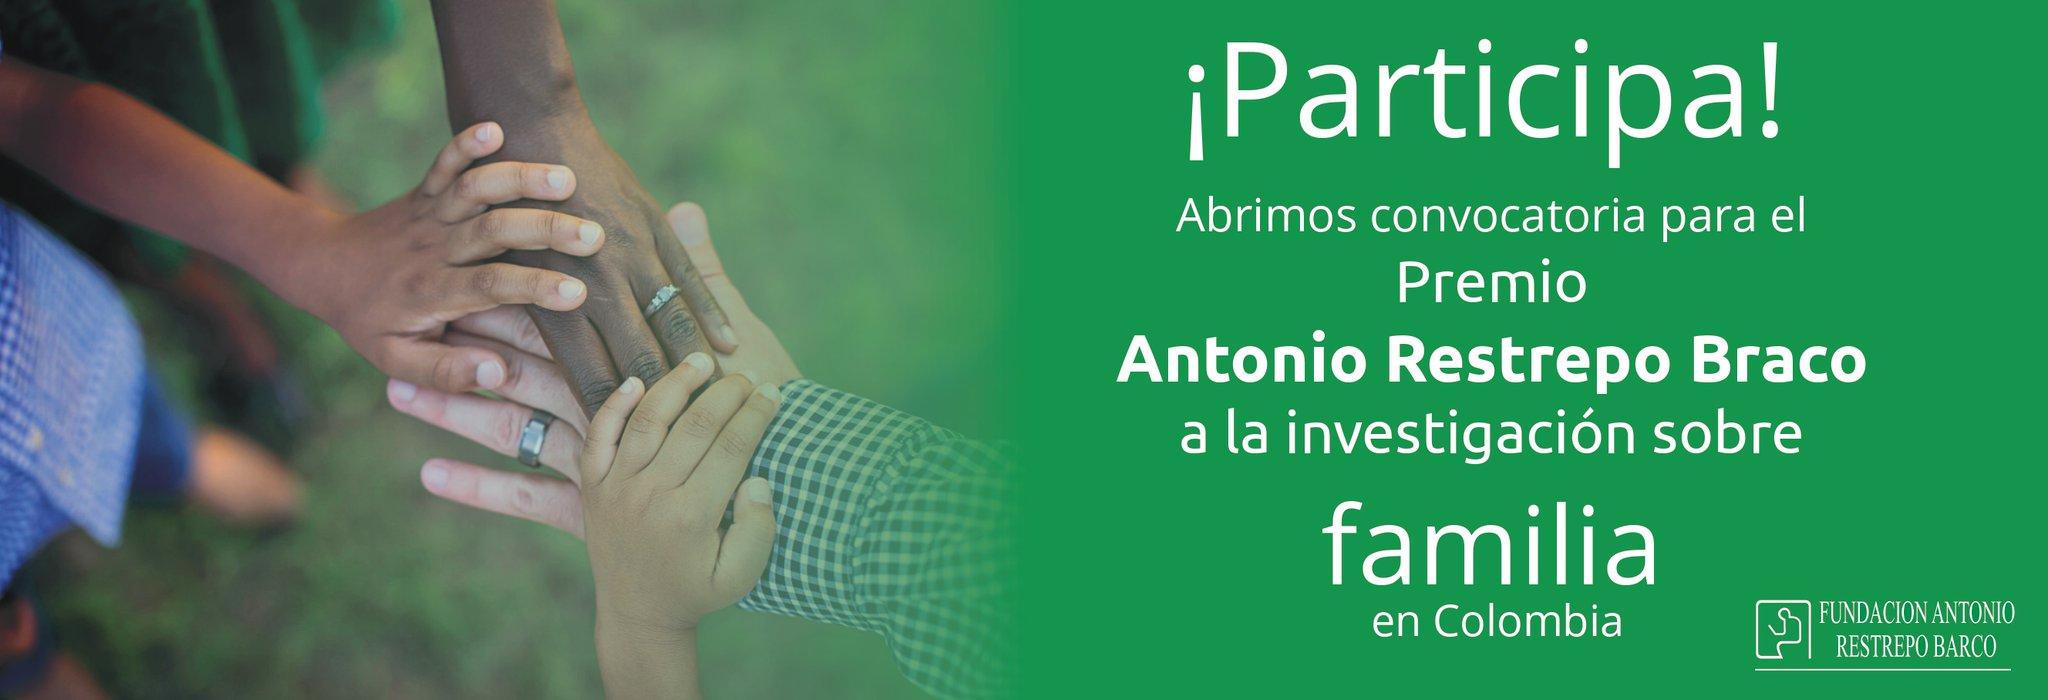 Premio a la Investigación sobre Familia en Colombia 2019 (Fundación Antonio Restrepo Barco)